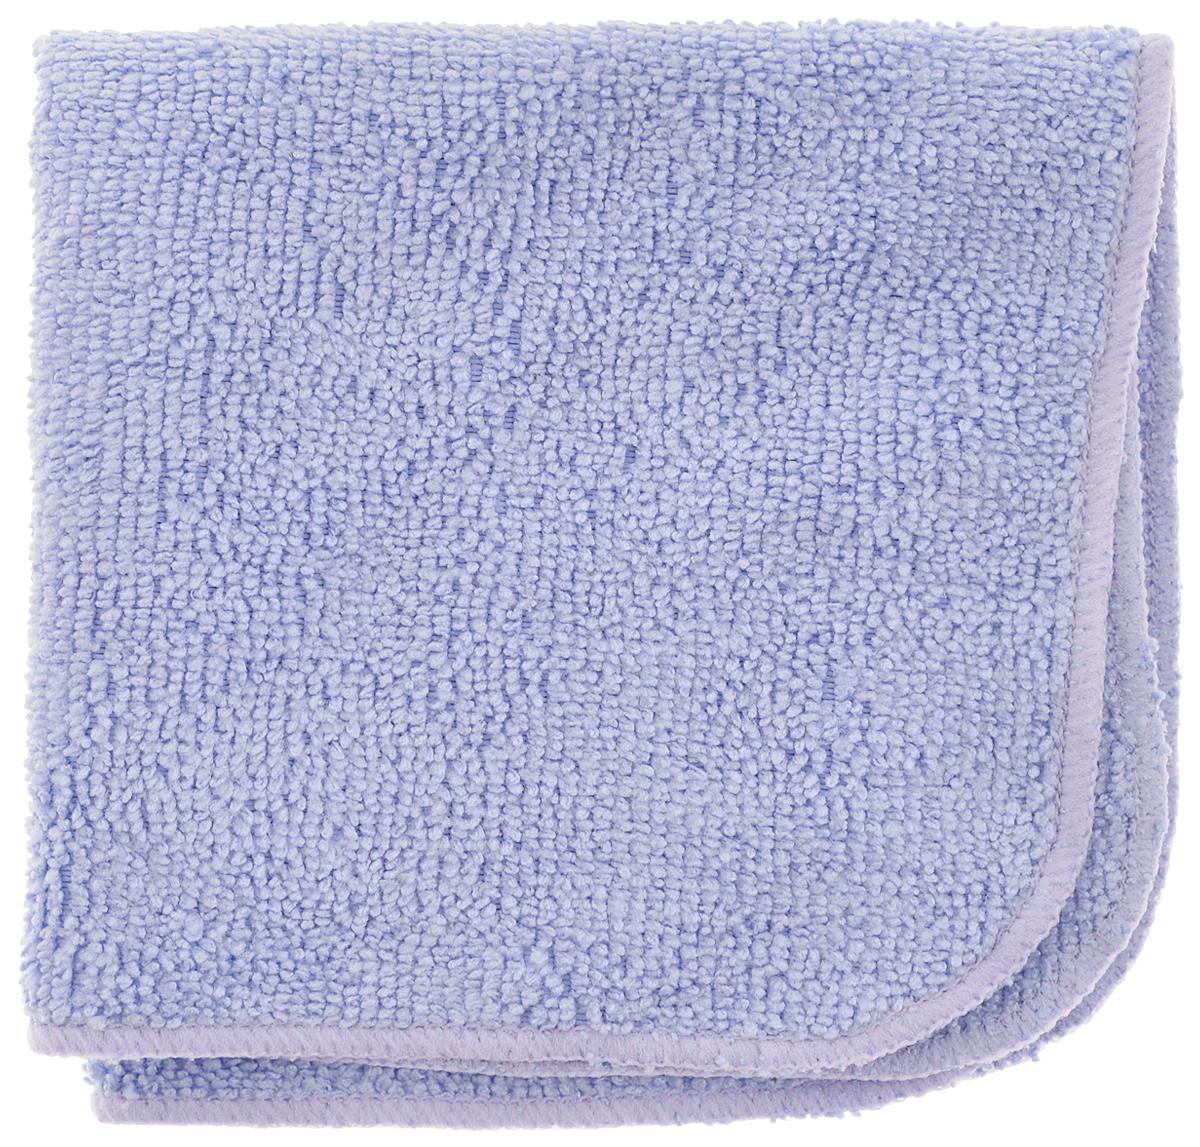 Салфетка для уборки Meule Standard, универсальная, цвет: сиреневый, 25 х 25 см4607009241104Салфетка Meule Standard выполнена из высококачественной микрофибры (80% полиэстер, 20% полиамид). Изделие может использоваться как для сухой, так и для влажной уборки. Деликатно очищает любые виды поверхности, не оставляет следов и разводов. Идеально впитывает влагу, удаляет загрязнения и пыль, а также подходит для протирки полированной мебели. Сохраняет свои свойства после стирки.